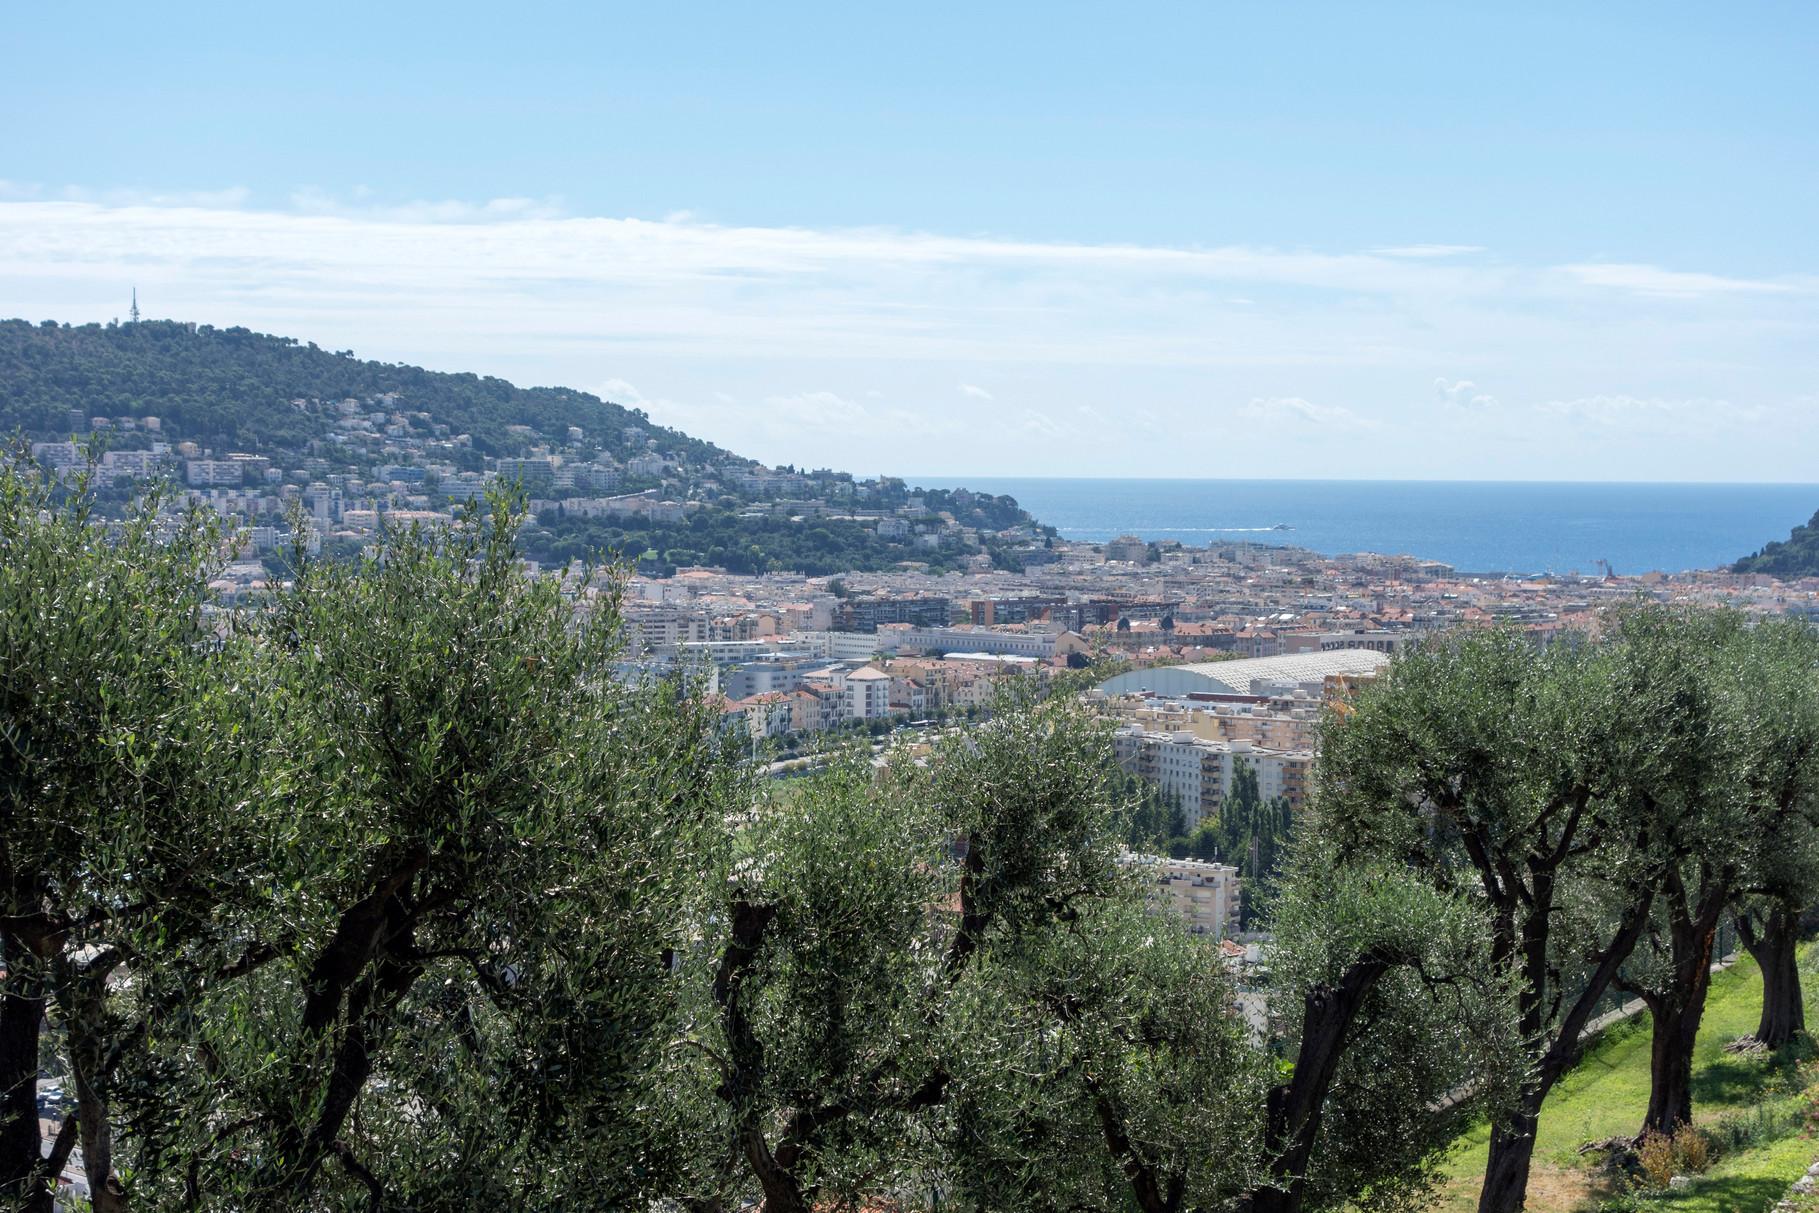 Blick vom Klostergarten Cimiez auf das Hafenviertel von Nizza